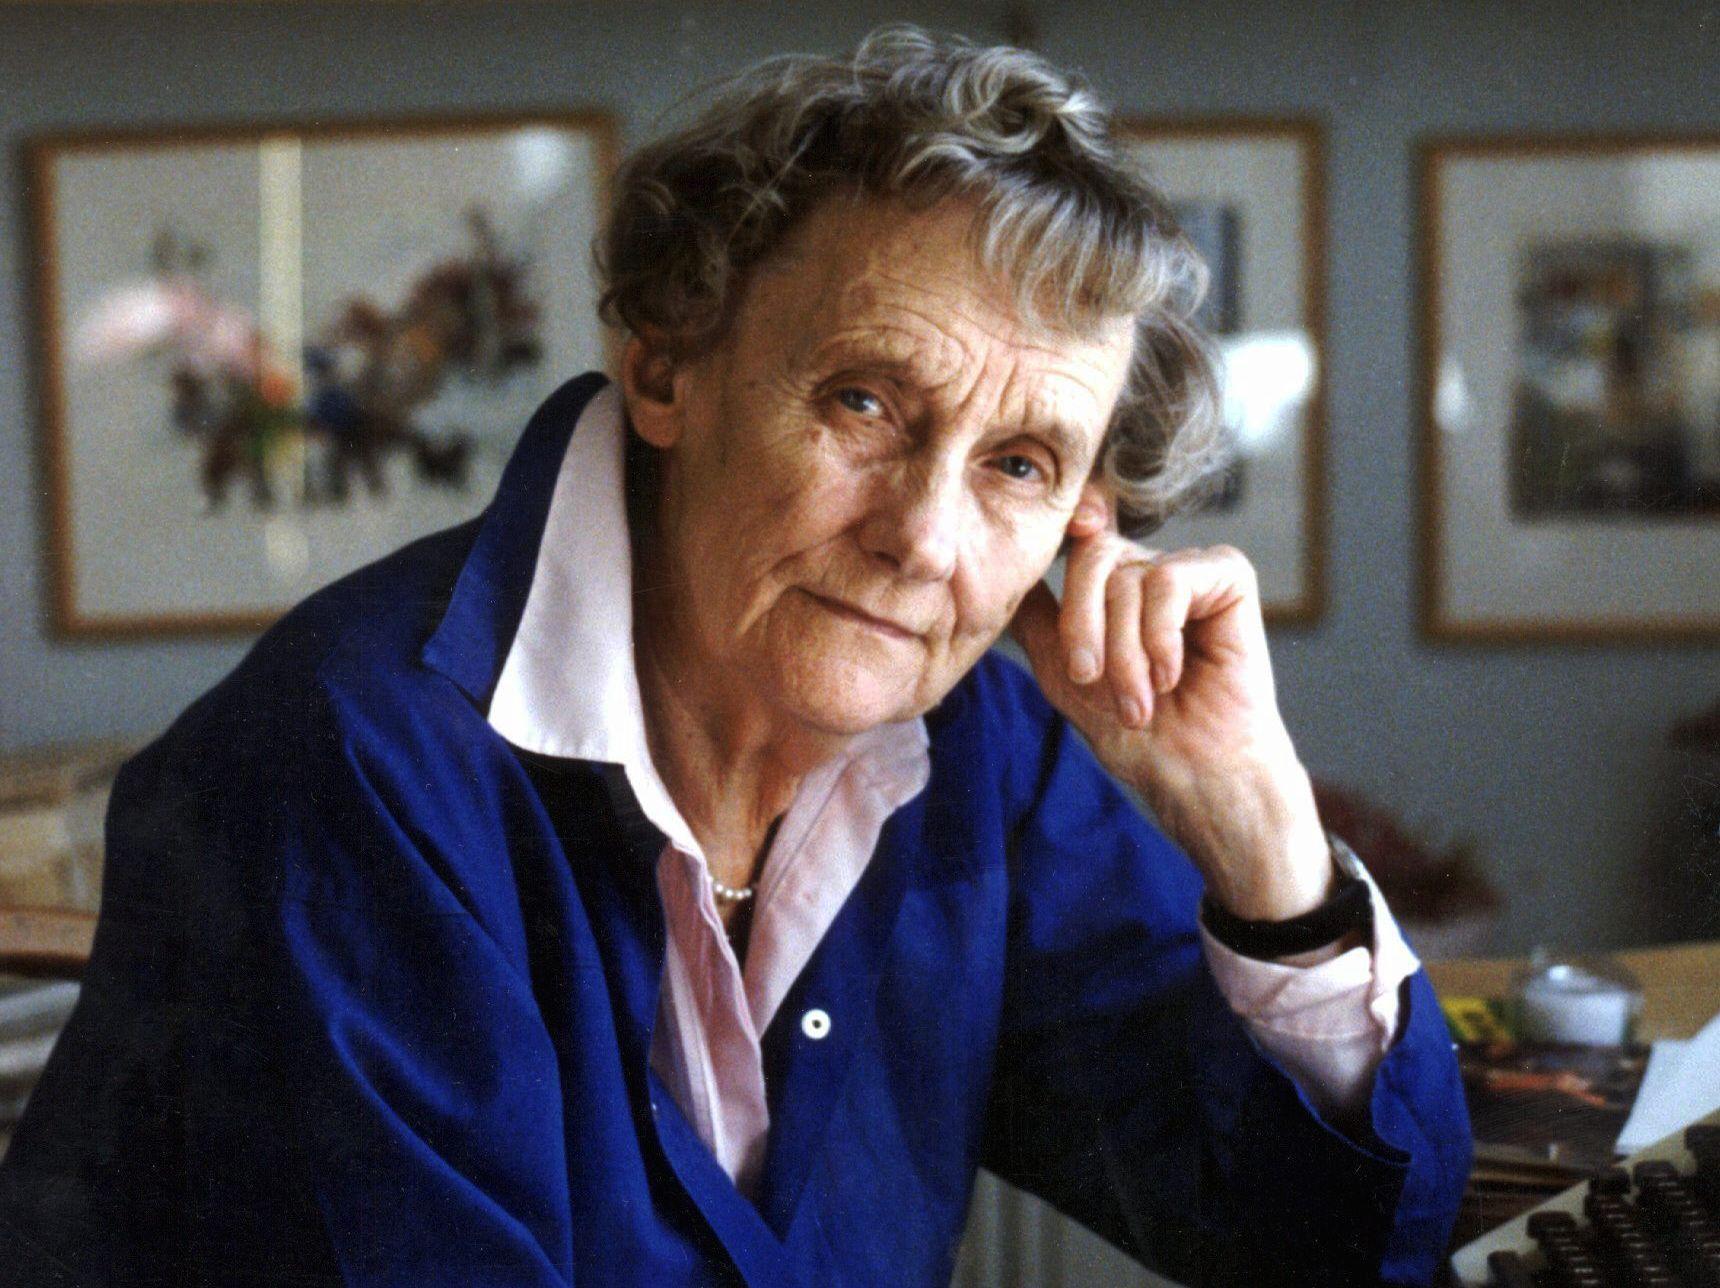 LEGENDE: Astrid Lindgren, her avbildet hjemme i Stockholm ved sitt eget skrivebord noen år før hun gikk bort.